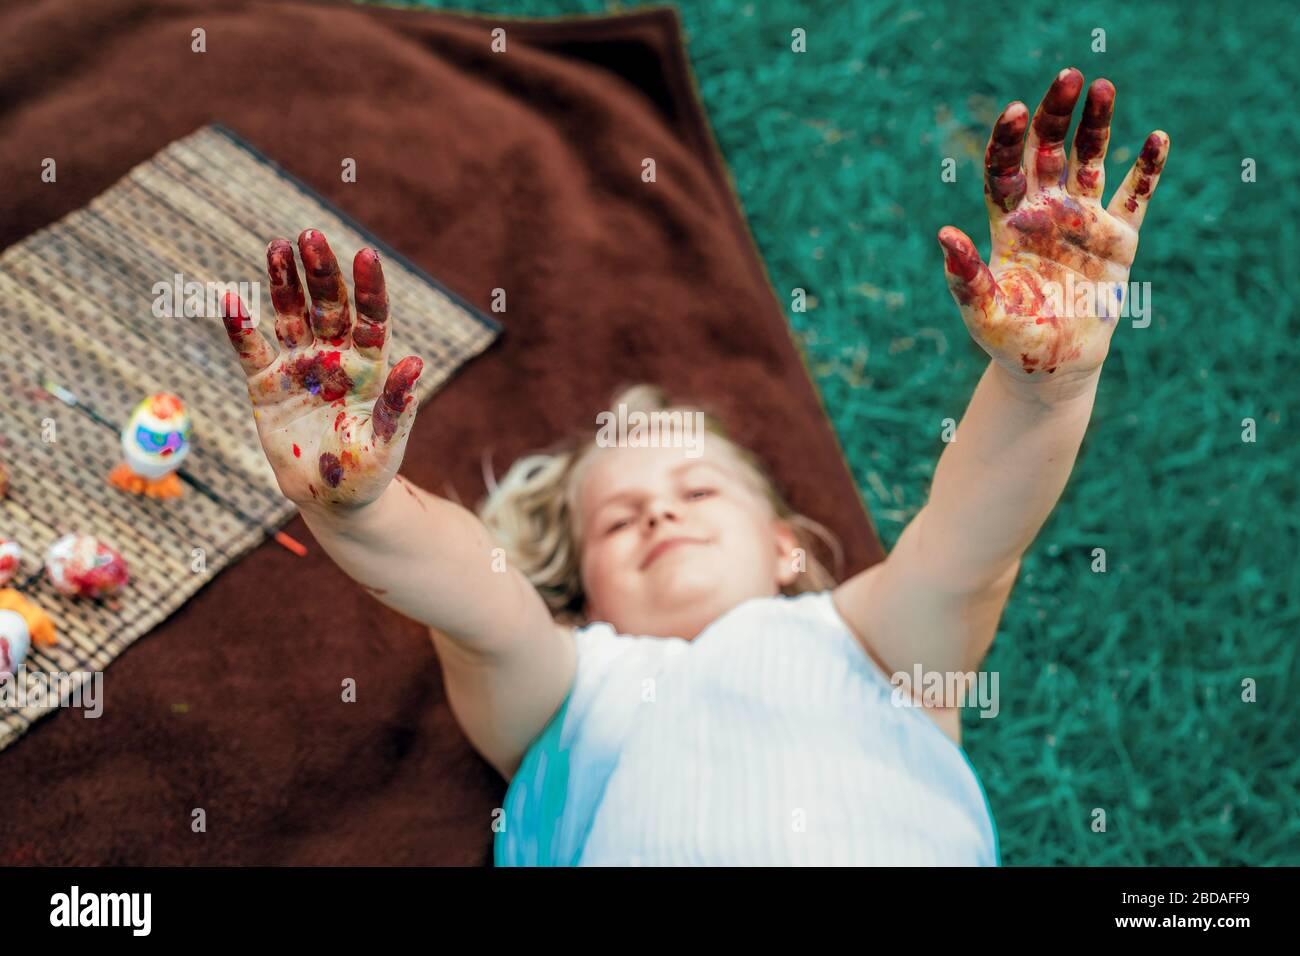 Mignonne petite fille layong sur la couverture sur l'herbe dans l'arrière-cour et montrer sa sale avec des mains peintes, peindre des œufs de Pâques. Banque D'Images